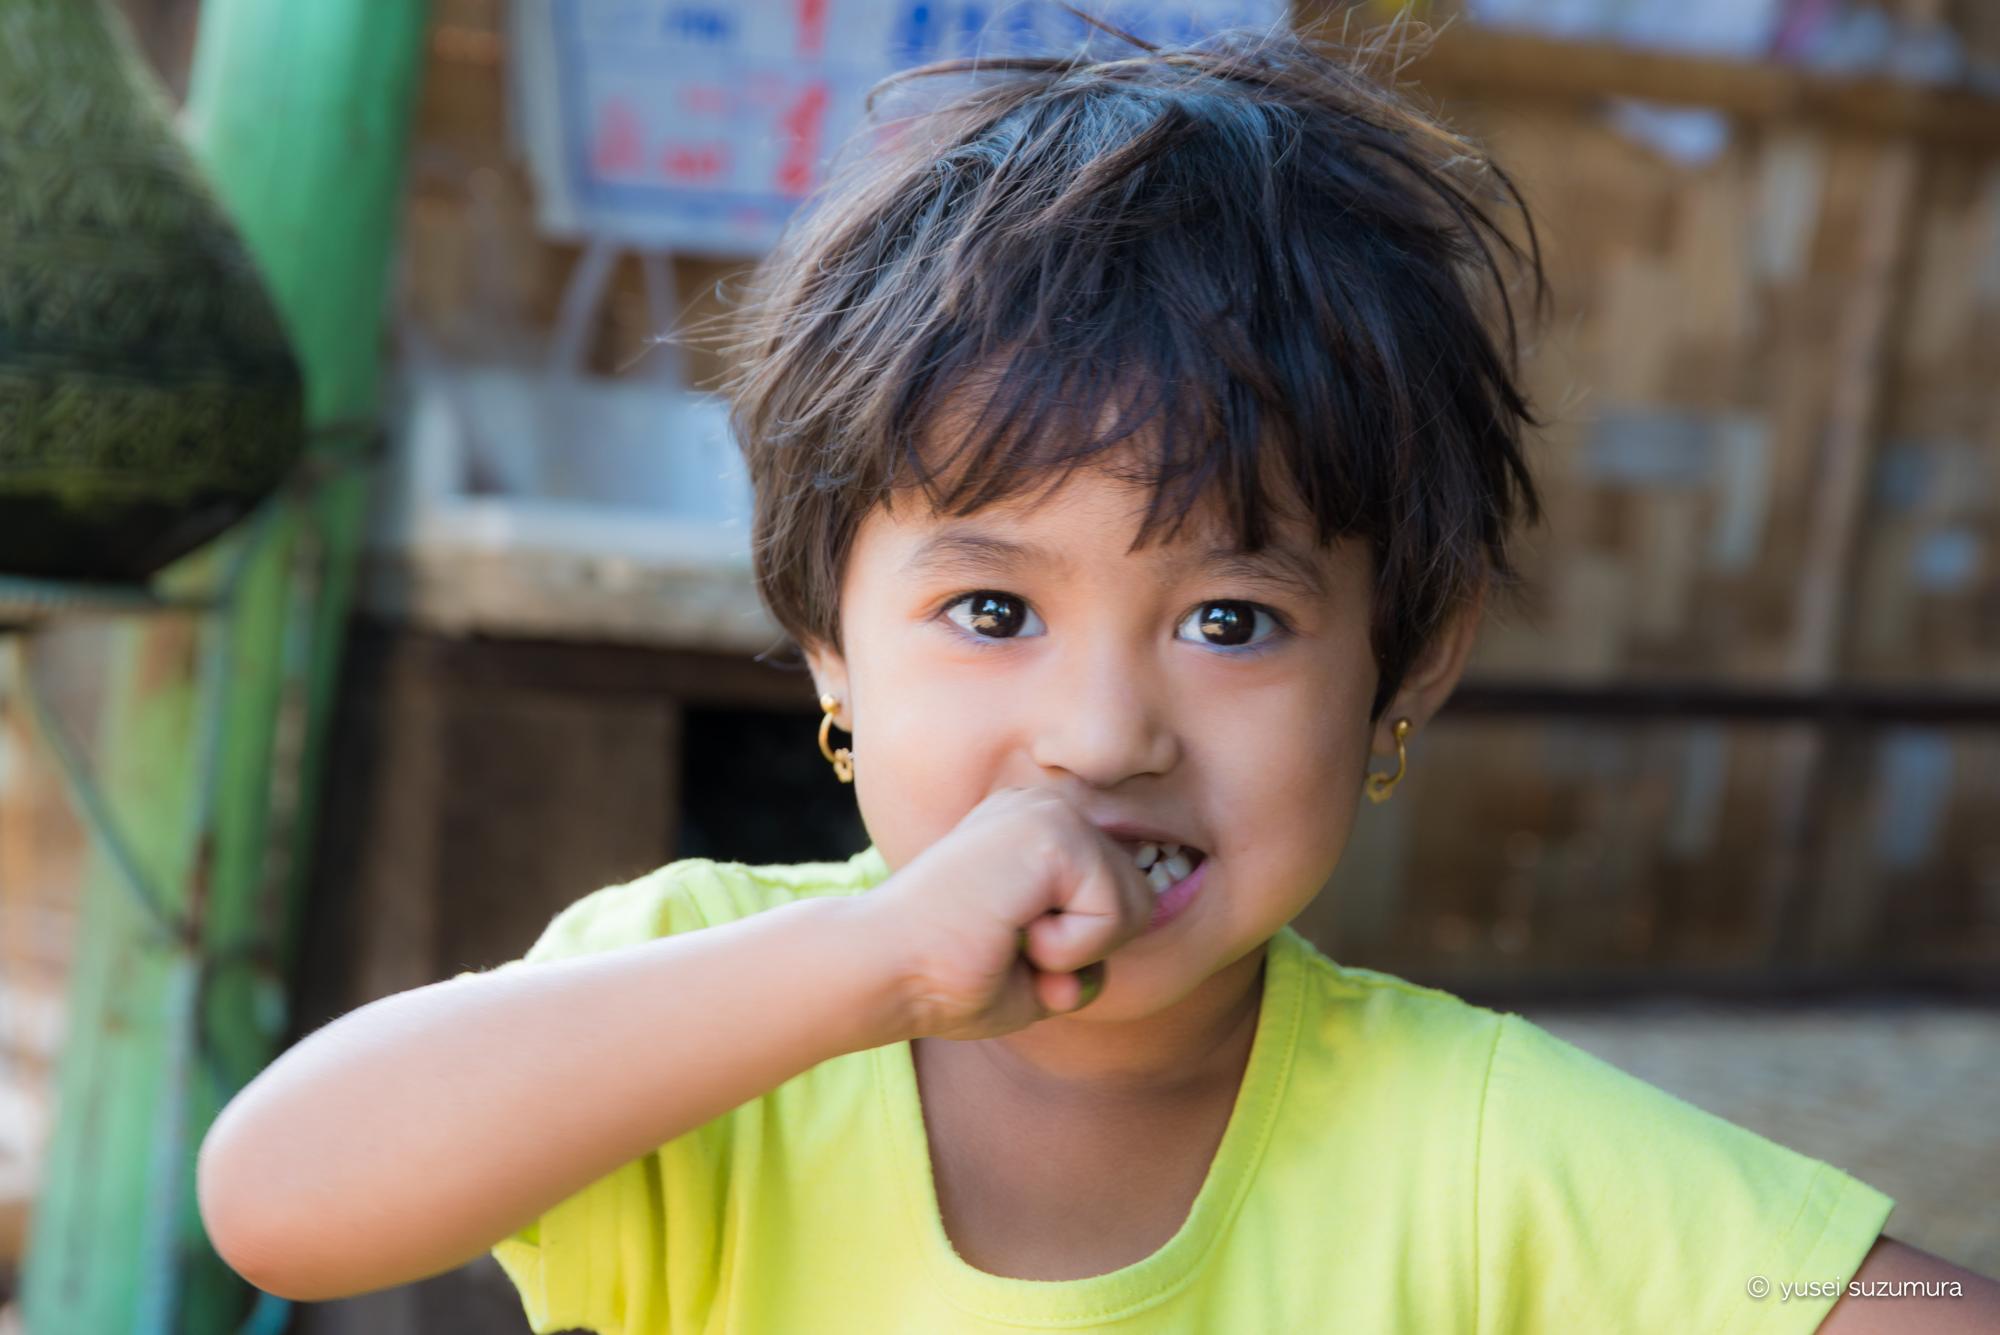 僕がミャンマーを旅する理由。